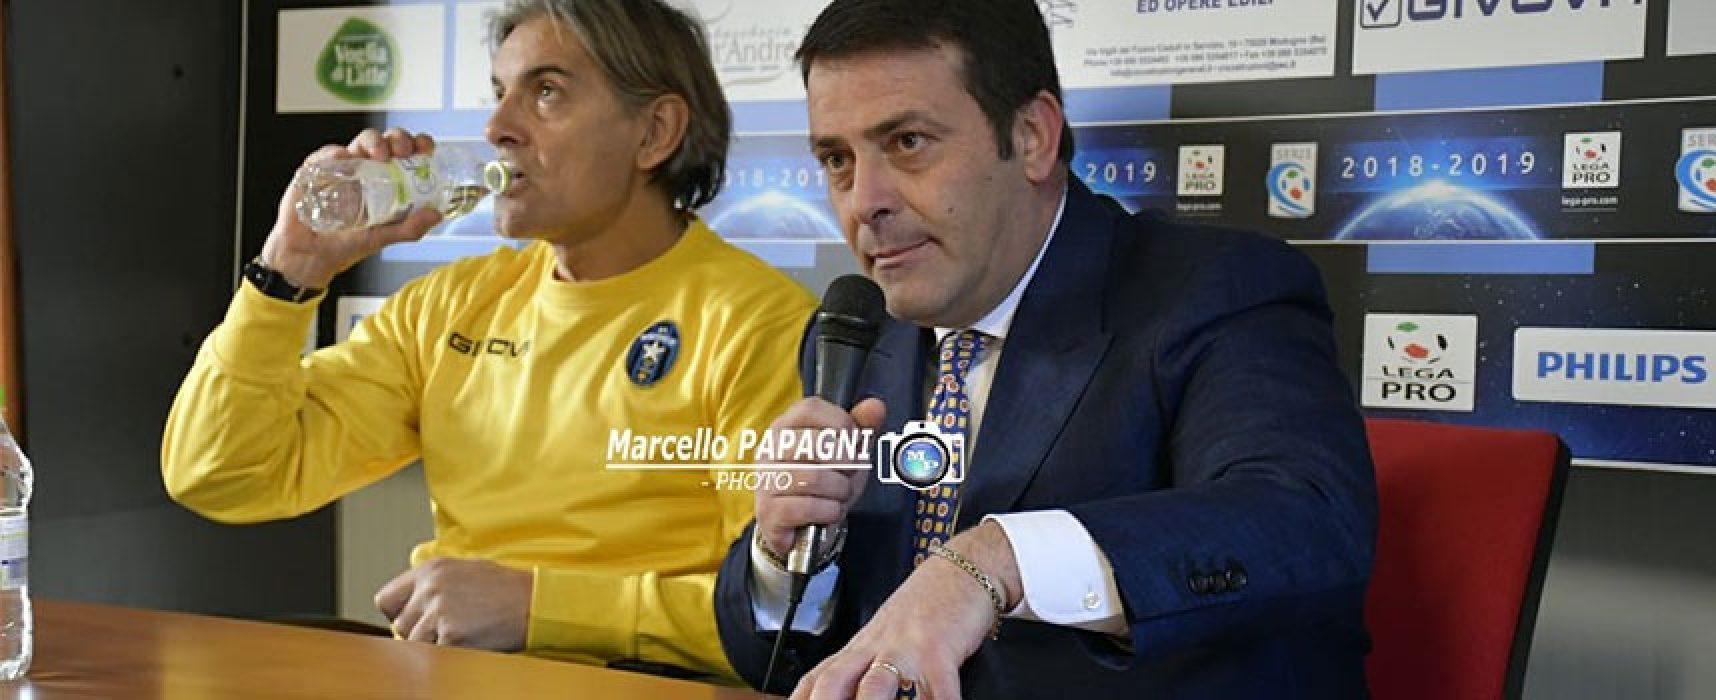 """Canonico torna a parlare: """"Lasciato di nuovo solo, ringrazio Todaro, allo stadio non ho bisogno di gente ipocrita"""""""